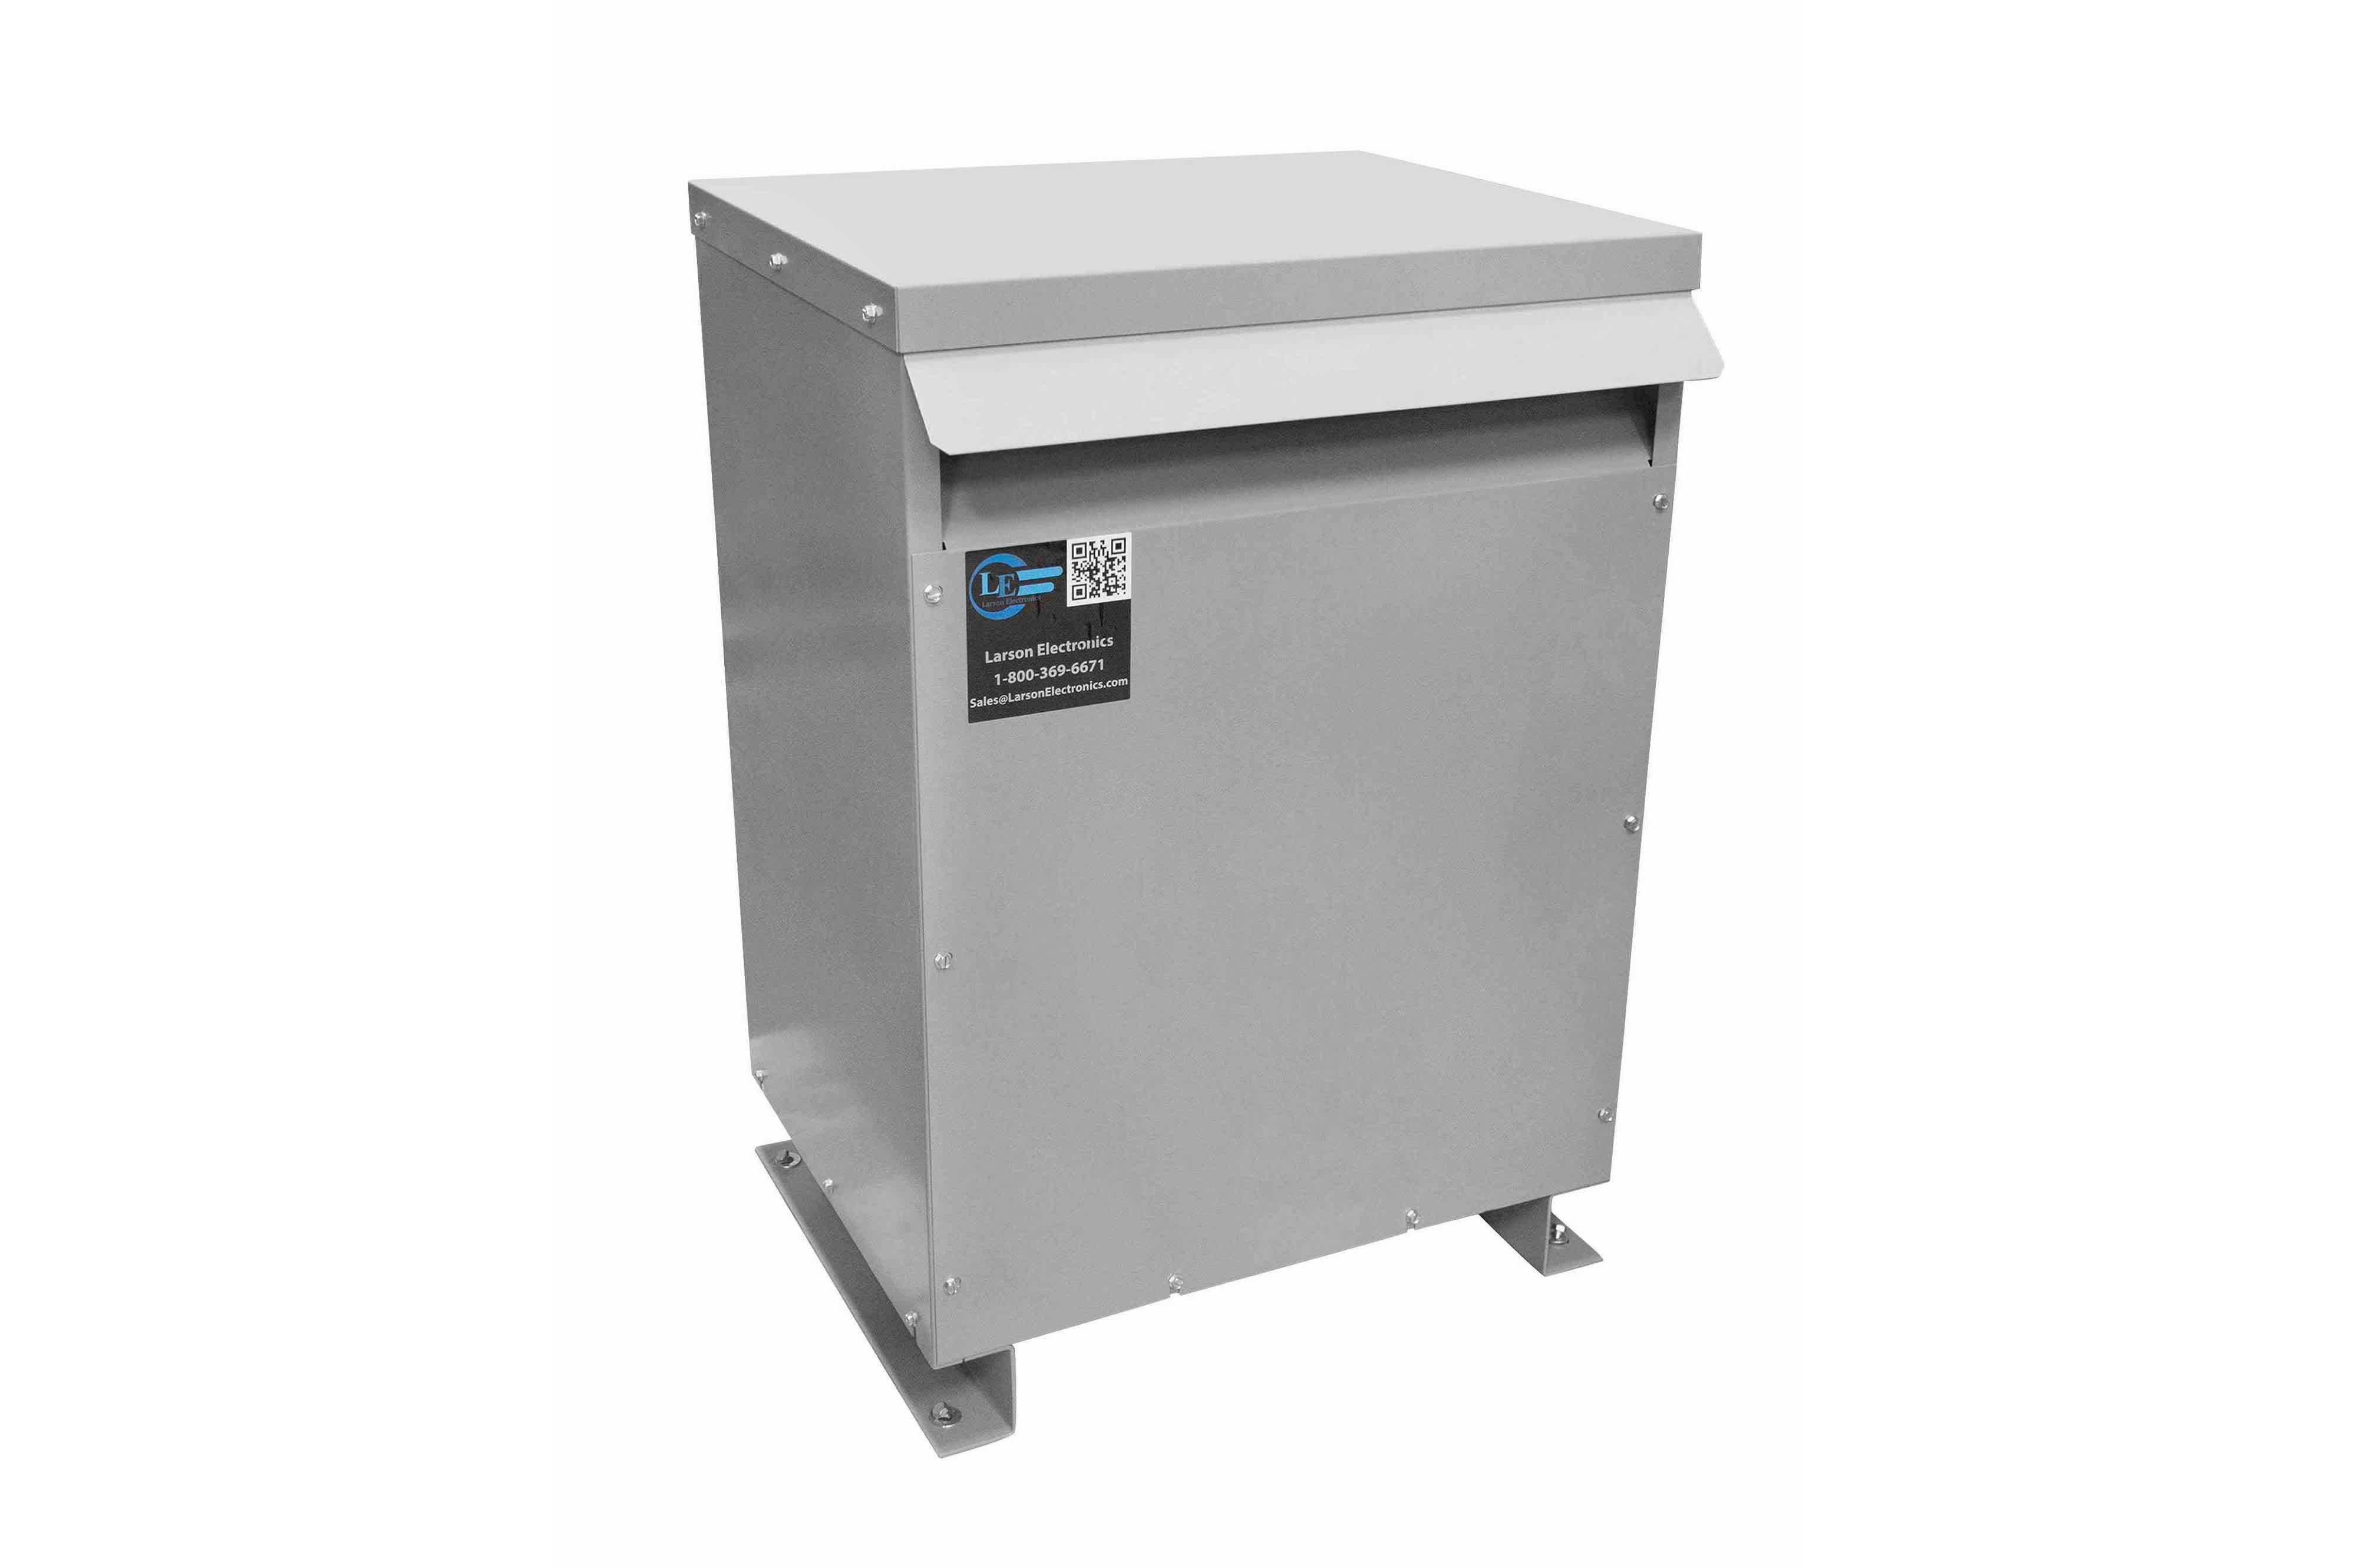 1000 kVA 3PH Isolation Transformer, 240V Delta Primary, 208V Delta Secondary, N3R, Ventilated, 60 Hz